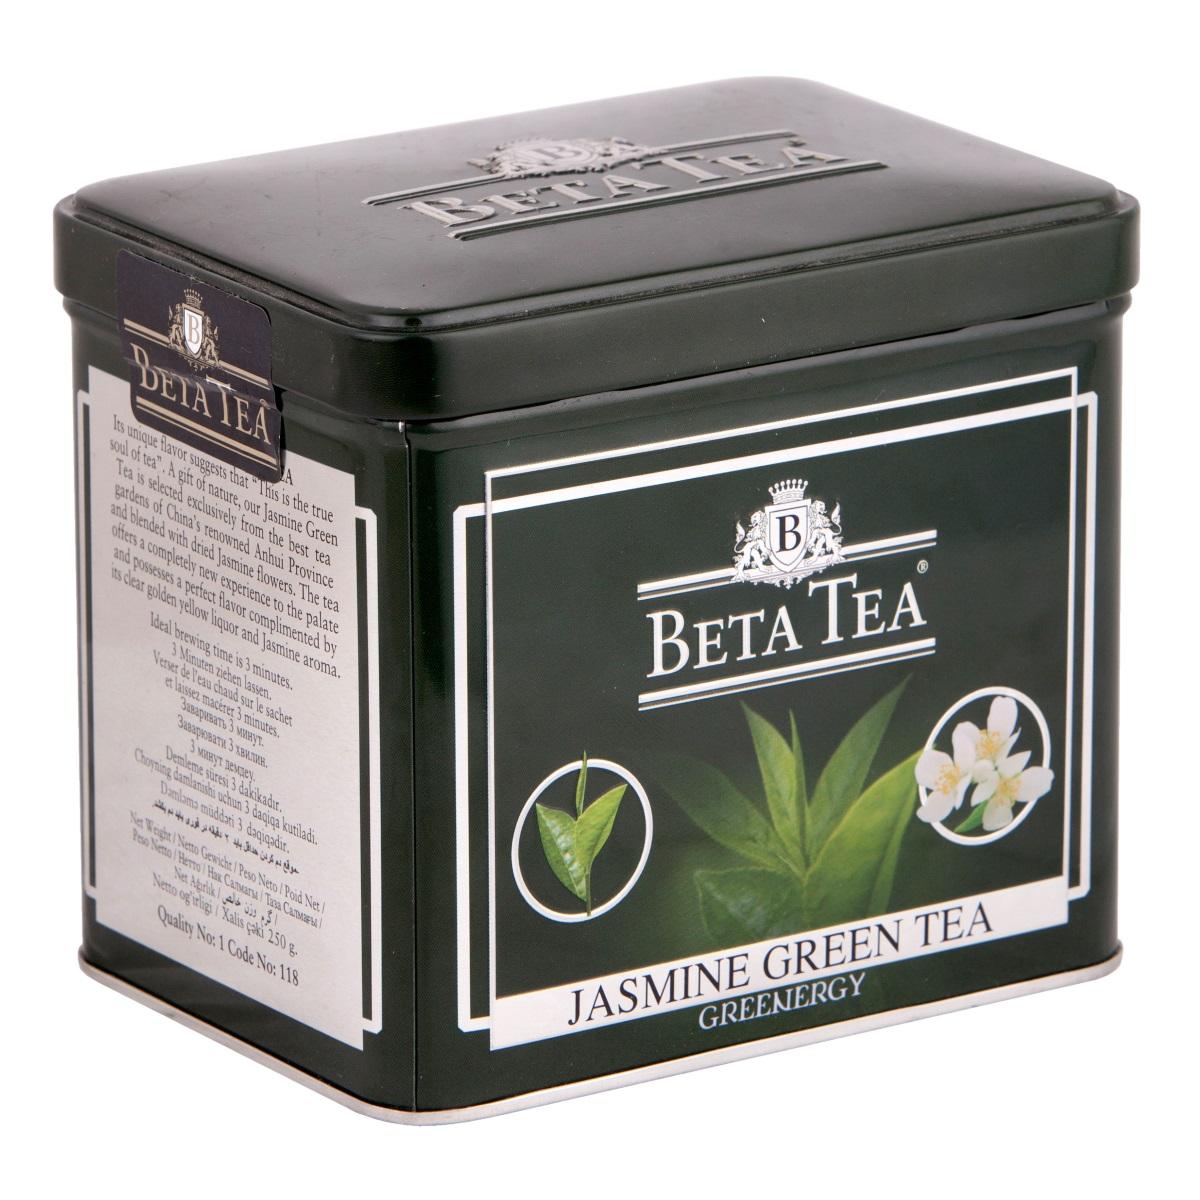 Beta Tea Зеленый с жасмином листовой чай, 250 г101246Beta Tea предлагает вам насладиться целебными качествами зеленого чая с лепестками тропического жасмина, цветки которого собирают на горных склонах до восхода солнца, чтобы сохранить их нежный аромат. Настой обладает тонким цветочным ароматом и мягким вкусом.